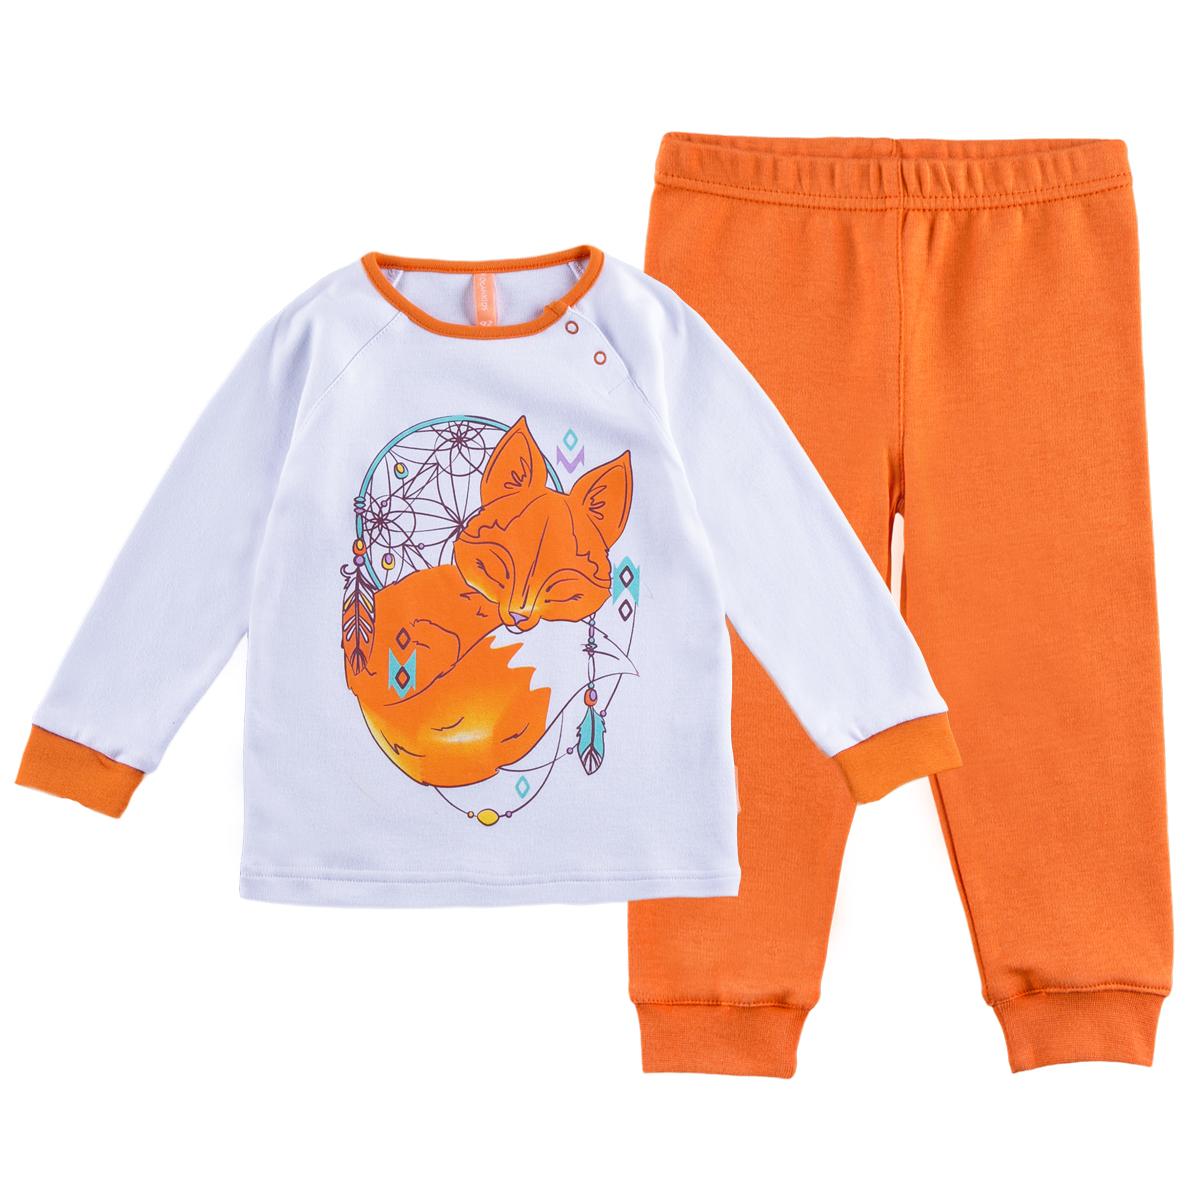 Пижама KogankidsПижама обеспечит максимальный комфорт во время сна. Ее также можно использовать и как домашнюю одежду.<br>Размер: 80, 86, 92, 98; Цвет: Белый;